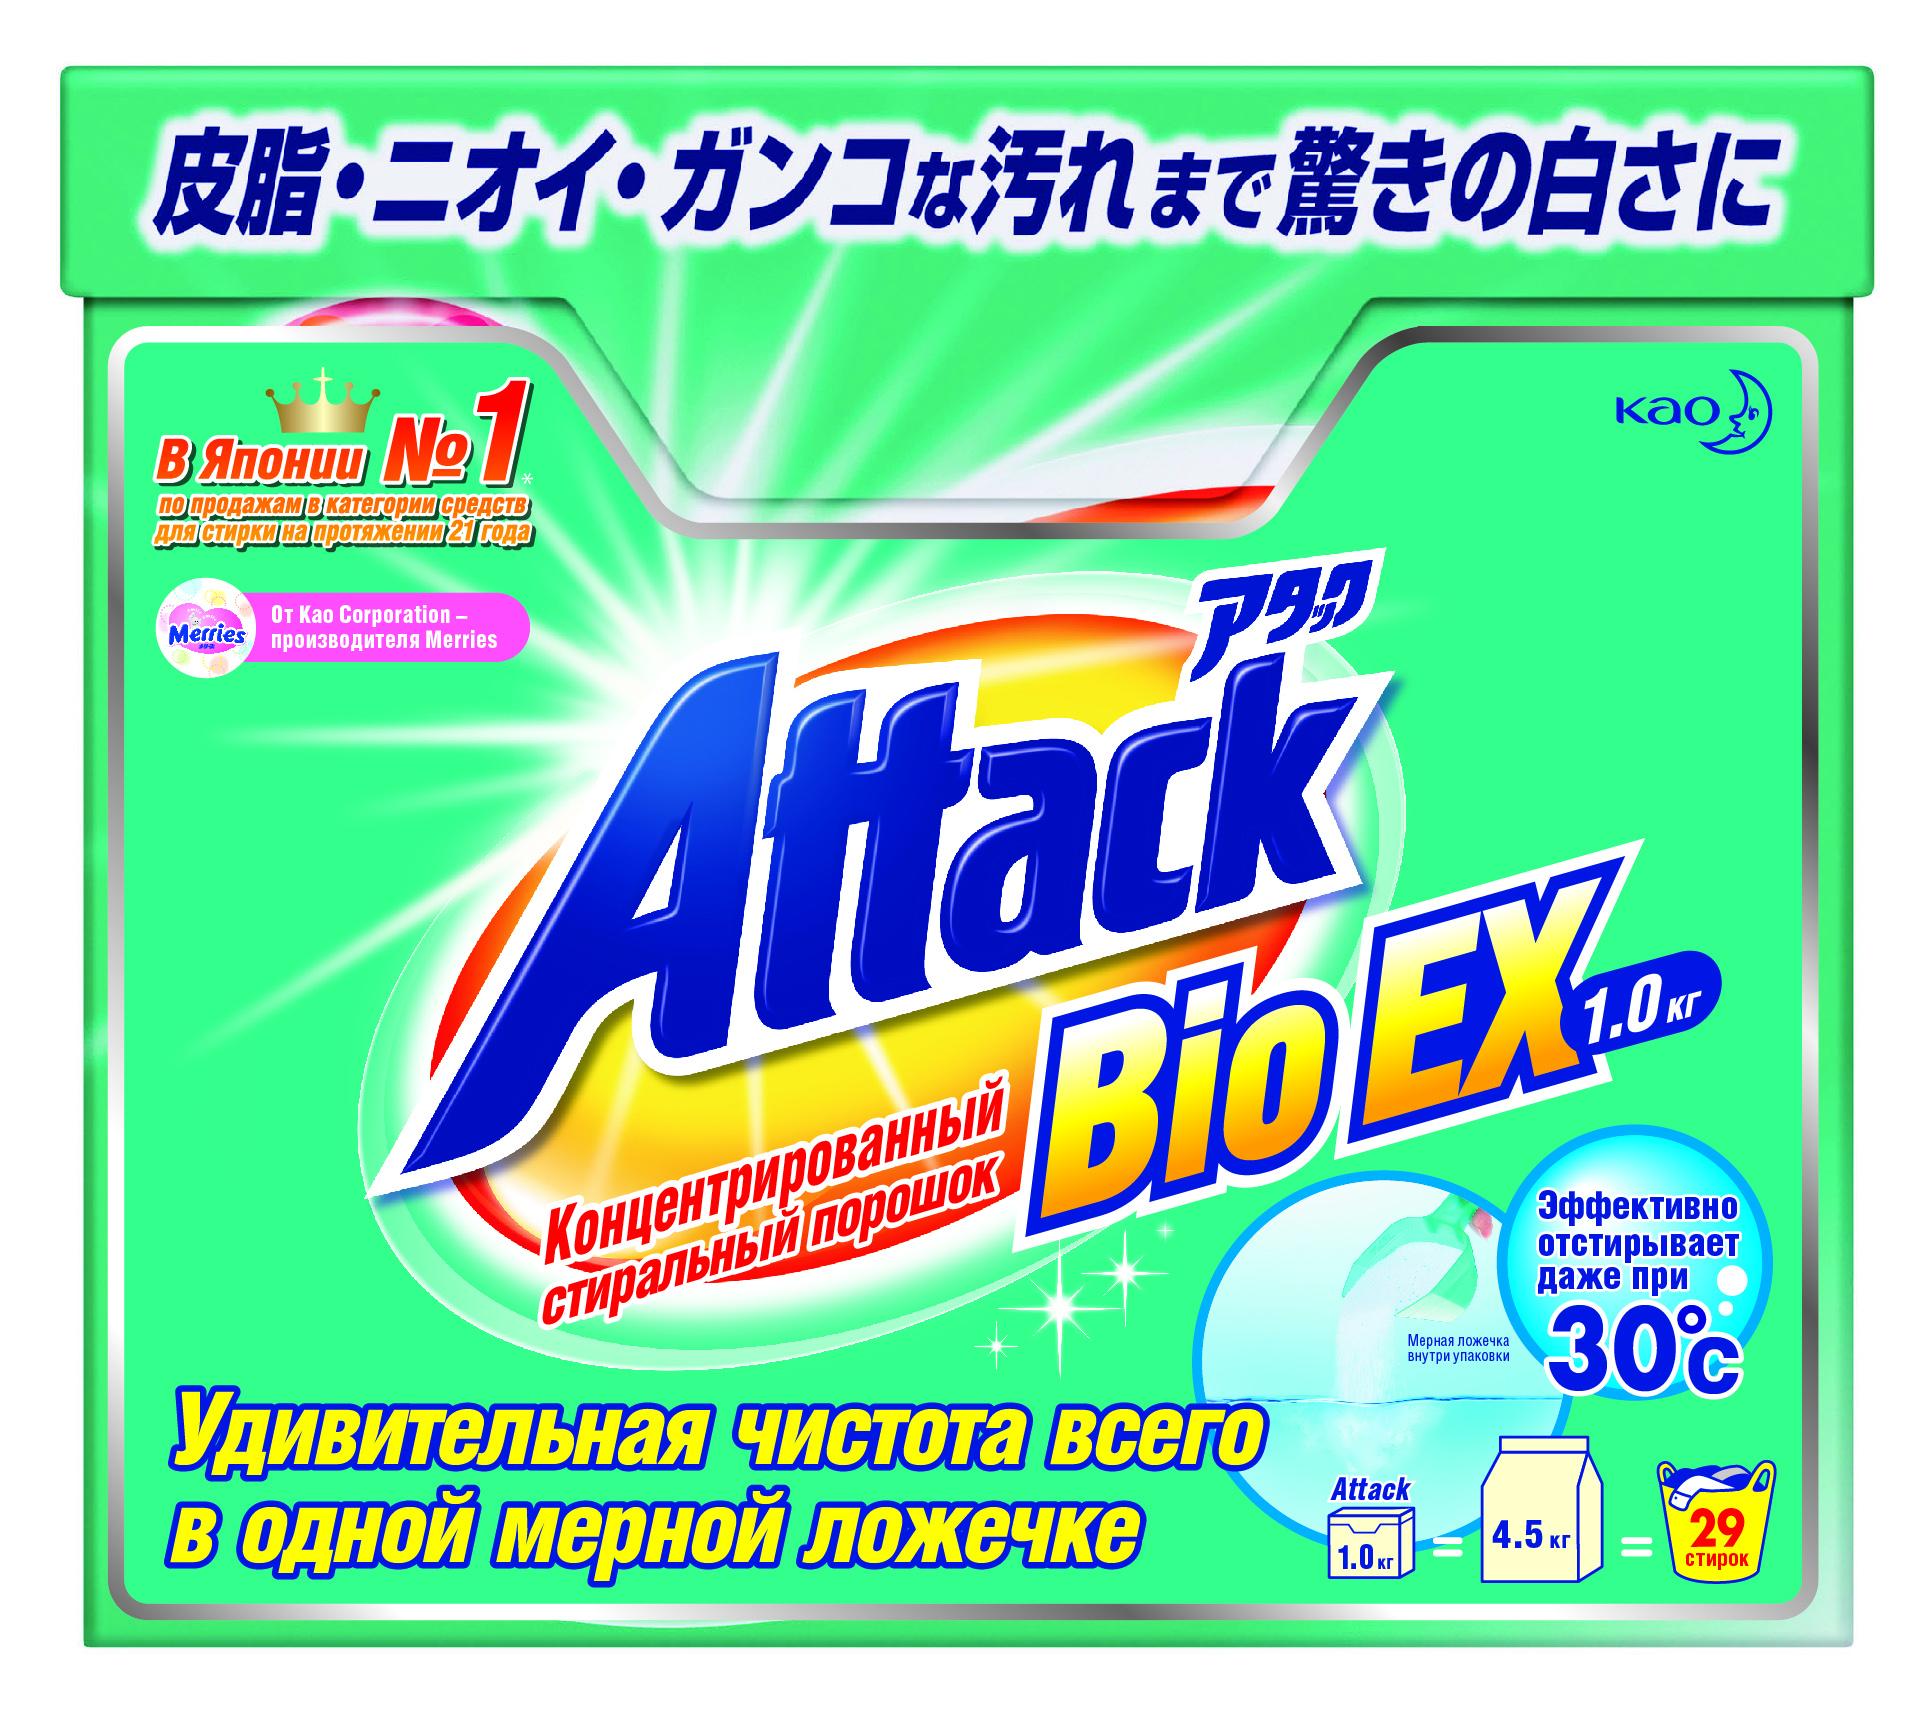 Стиральный порошок Attack BioEX, концентрированный, 1 кг904714Концентрированный стиральный порошок Attack BioEX подходит для стирки белой и цветной одежды из хлопчатобумажной, льняной и синтетической ткани, не подходит для стирки шерсти и шелка. Благодаря гранулам, содержащим воздух, средство быстро растворяется в холодной воде и атакует грязь. Обладает нежным цветочным ароматом. Не содержит фосфатов и хлора.Рекомендуемая температура стирки 30-40°С. Подходит для ручной и машинной стирки. Состав: 15-30% цеолит, 5-15% анионоактивный ПАВ, неионогенный ПАВ, поликарбоксилат, менее 5% мыло, энзимы, отдушка, оптический отбеливатель.Товар сертифицирован.